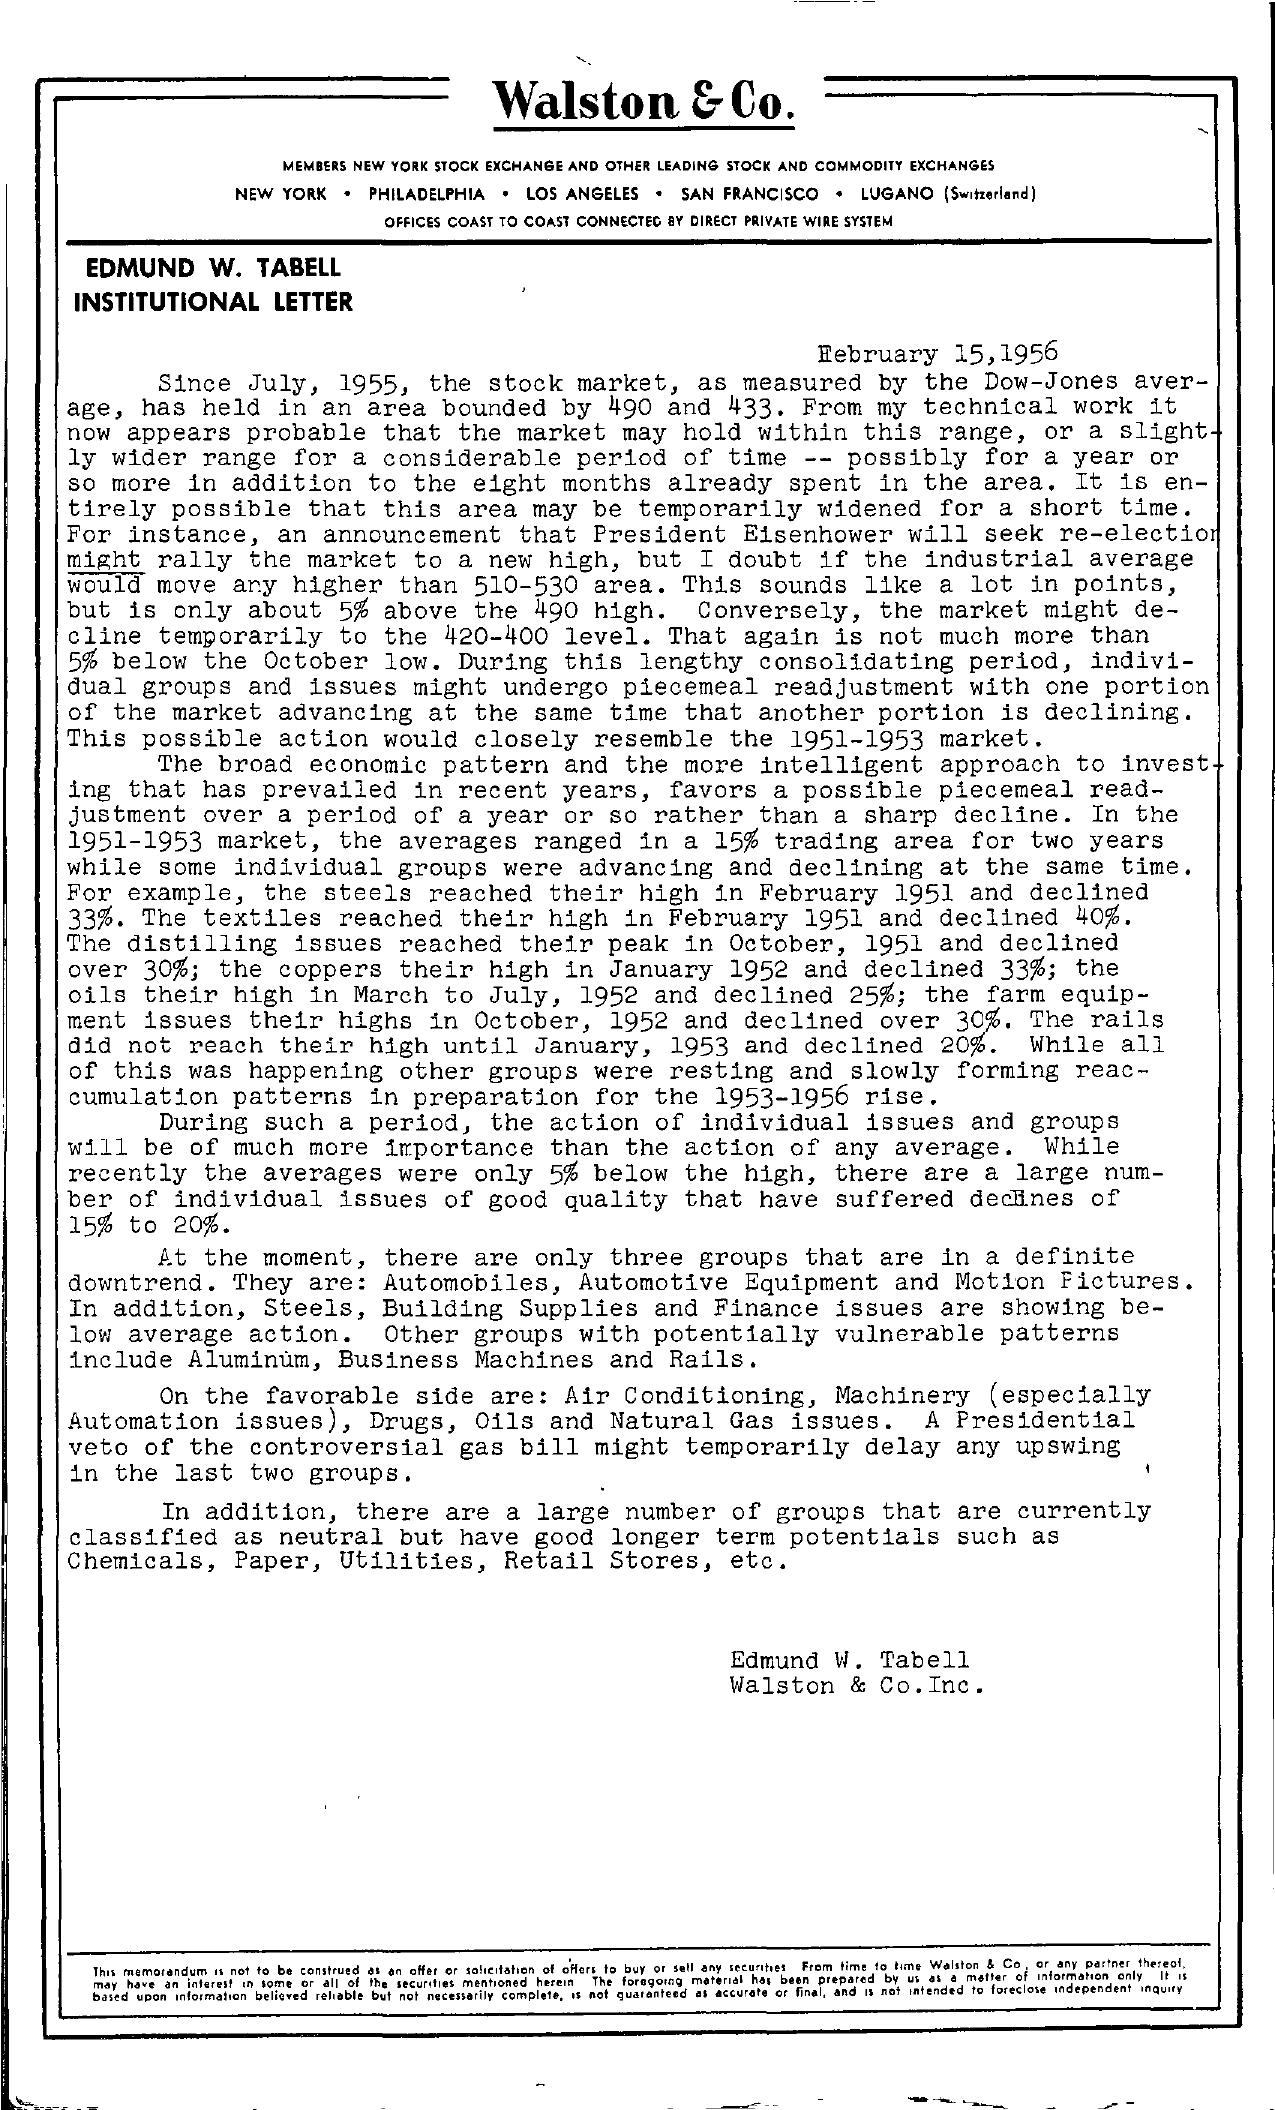 Tabell's Market Letter - February 15, 1956